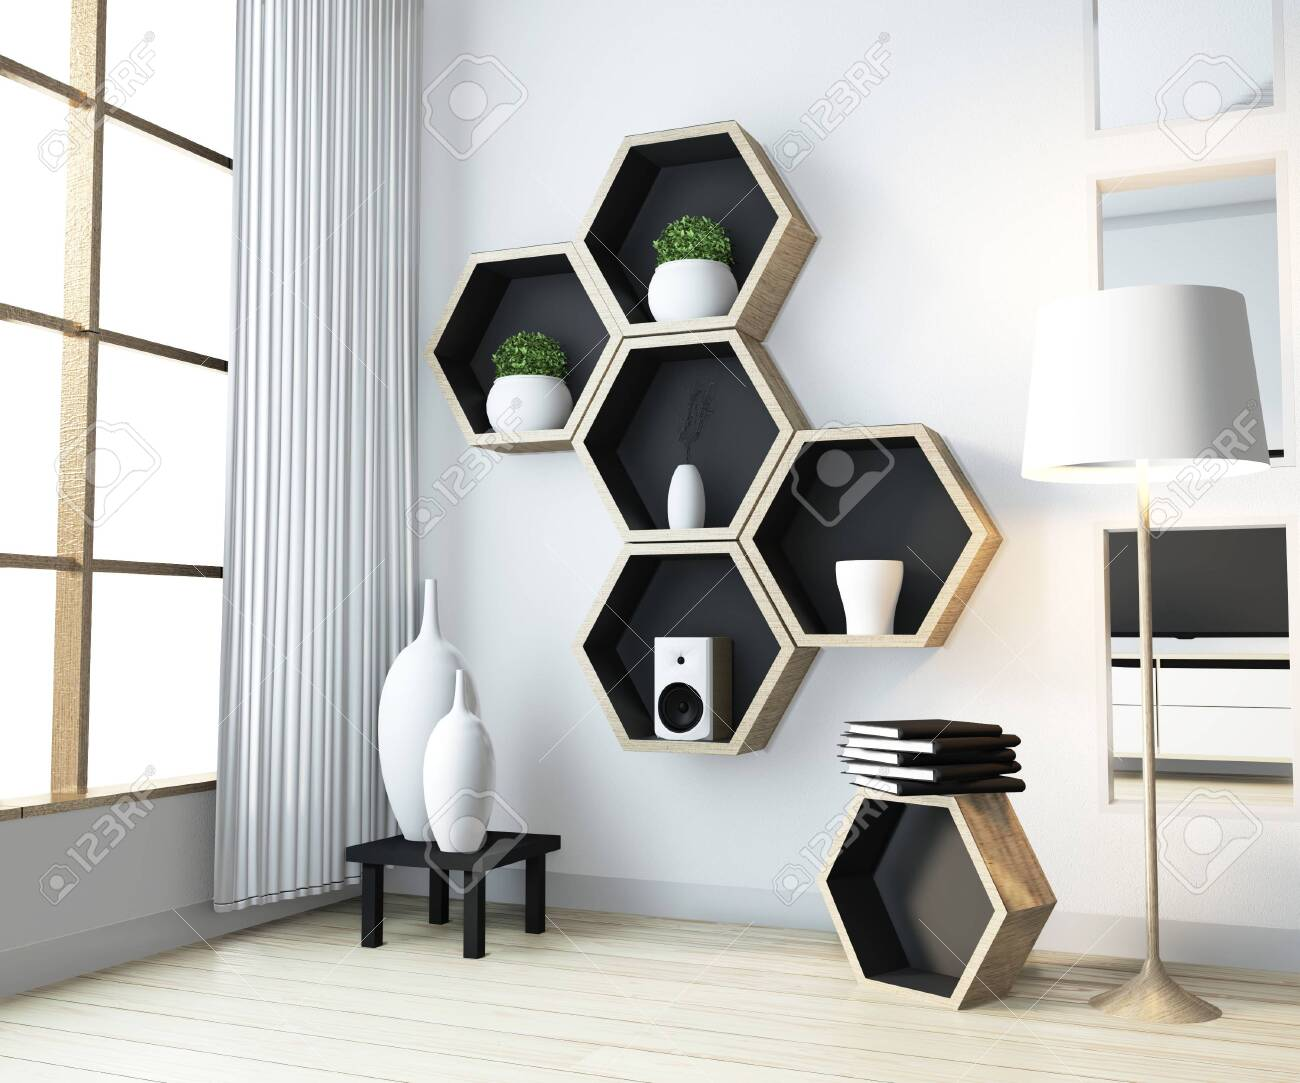 Living Room Wall Shelves Design